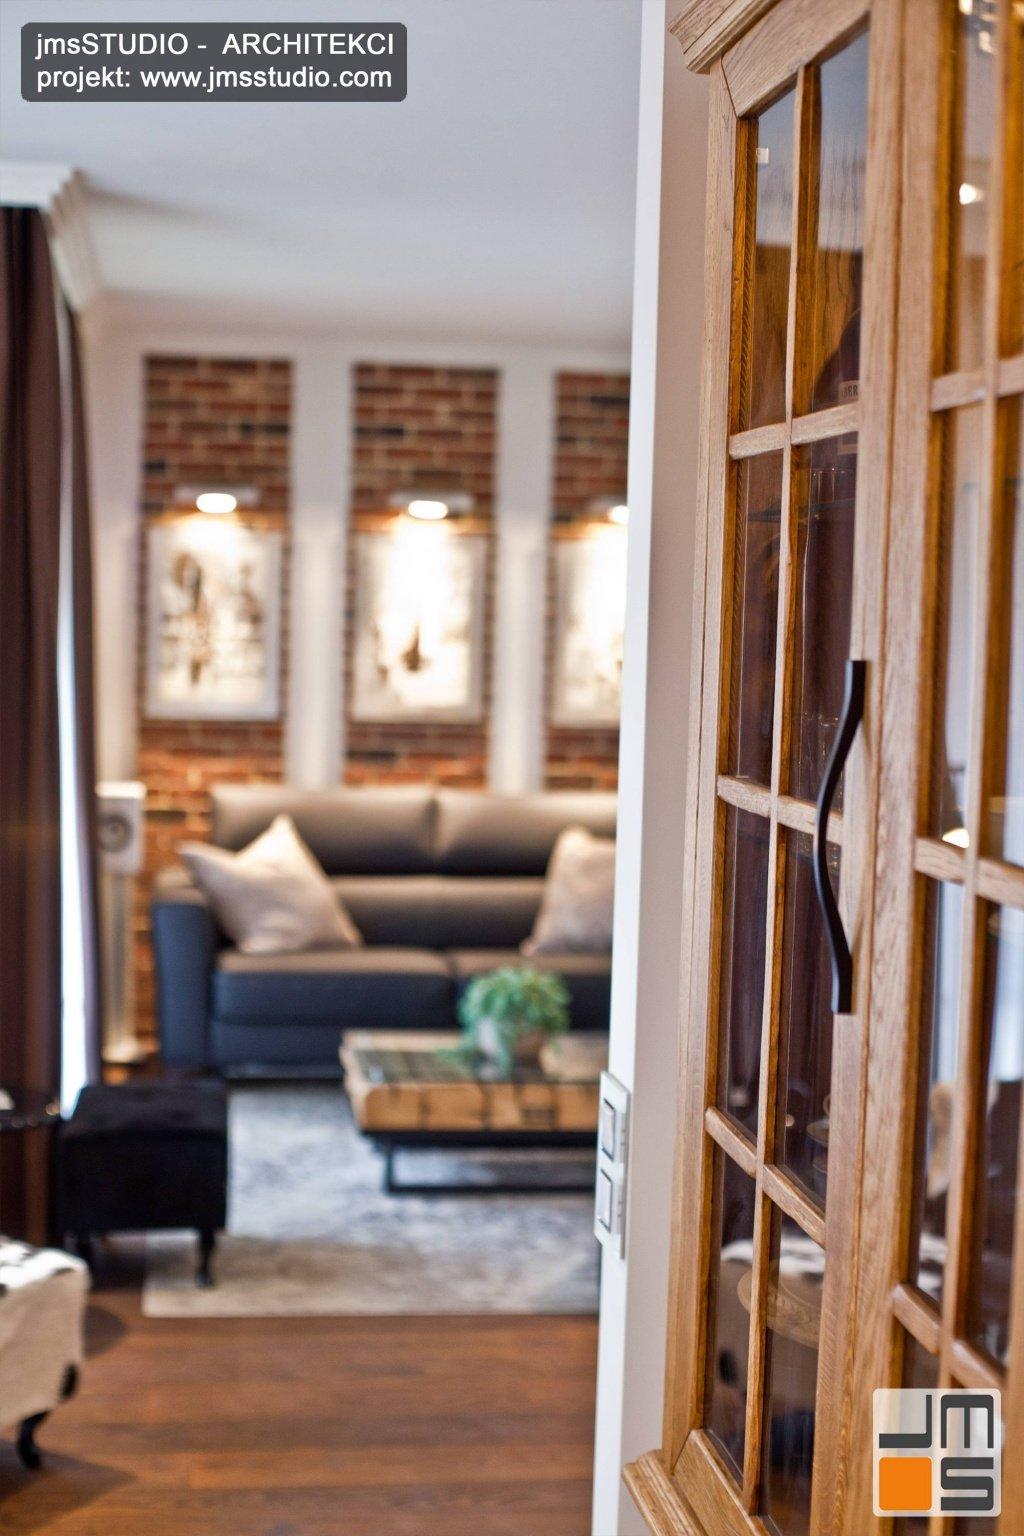 Elegancka klasyczna witryna z przeszkleniem z naturalny dąb w projekt wnętrz kuchni i jadalni w małym mieszkaniu w Kraków